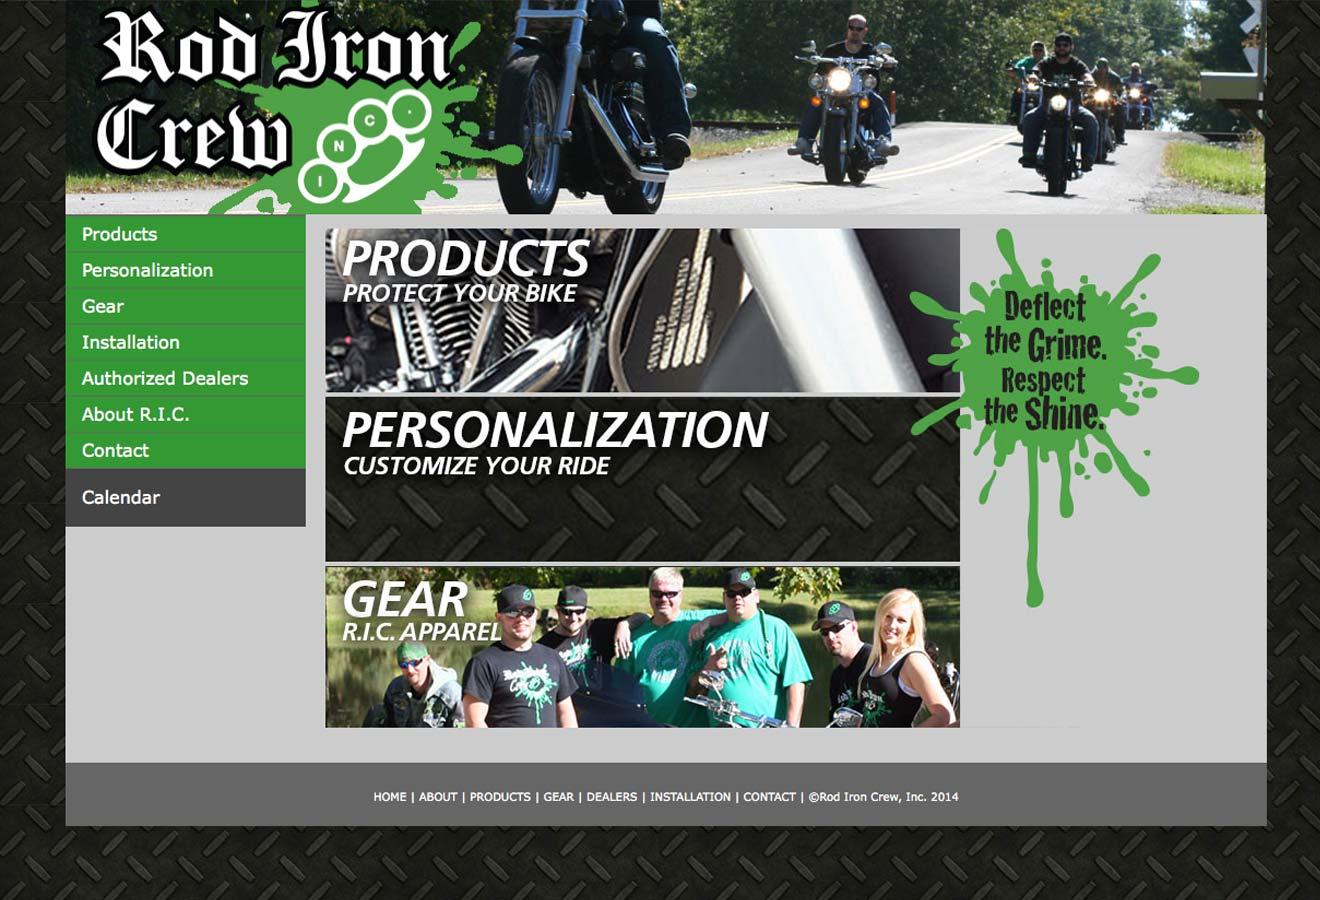 Rod Iron Crew Website